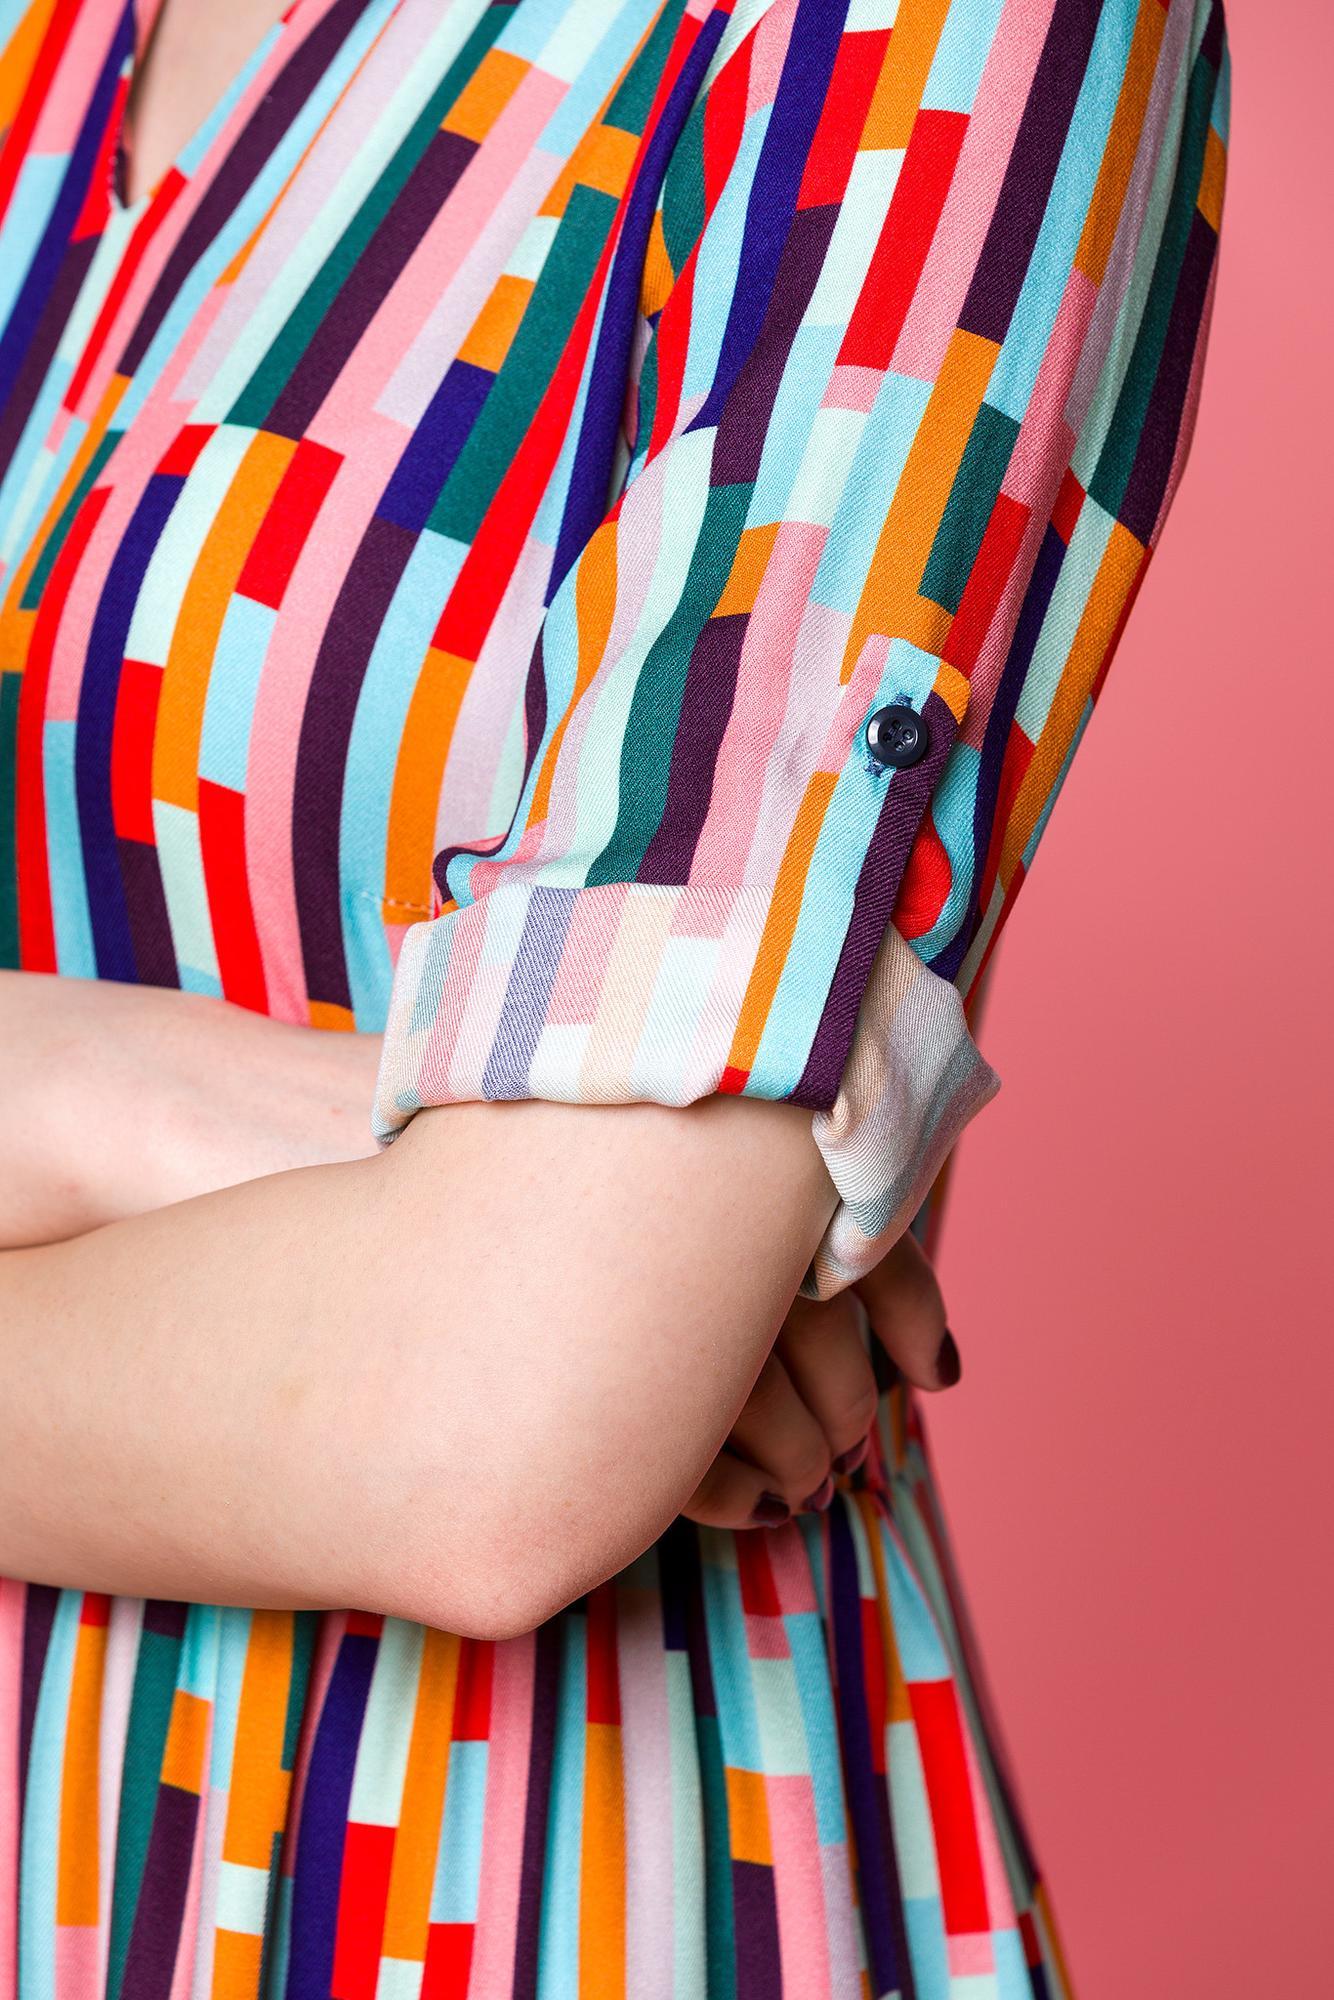 SUKIENKA KOLOROWE PROSTOKĄTY -oversize - sukienka z dekoltem V- sukienka zwiewna - Republic of Patterns